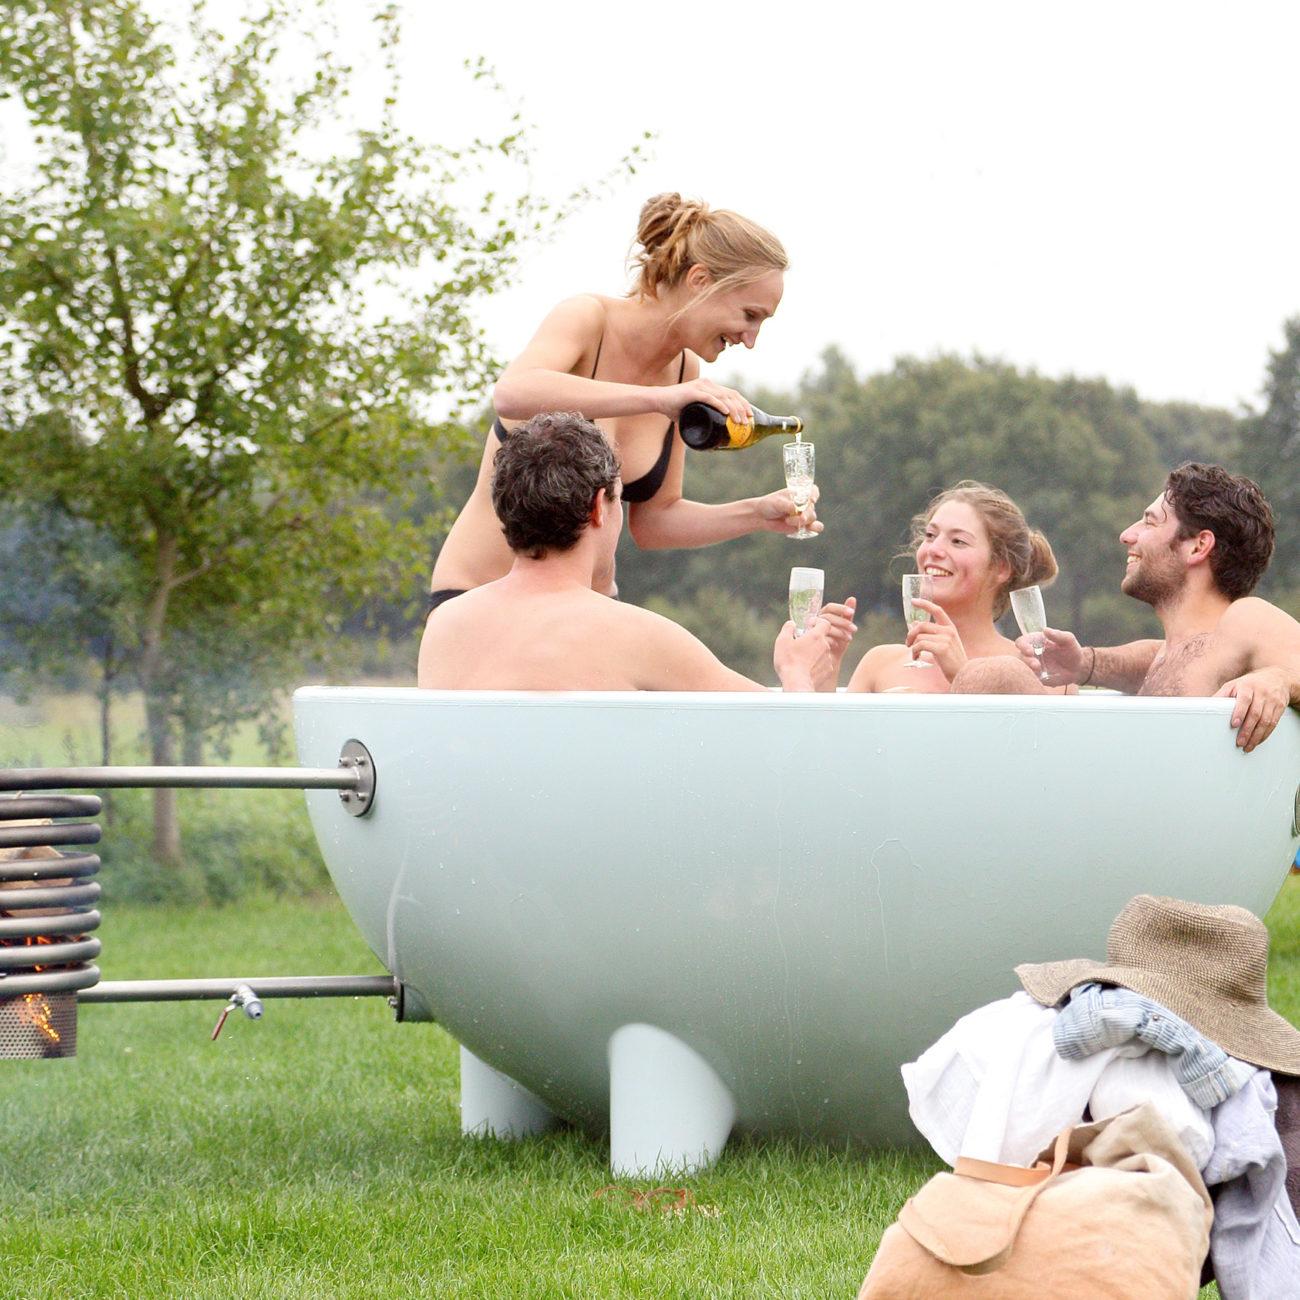 Twee koppels in een grijze dutch tub, een dame staat en schenkt glazen champagne in.